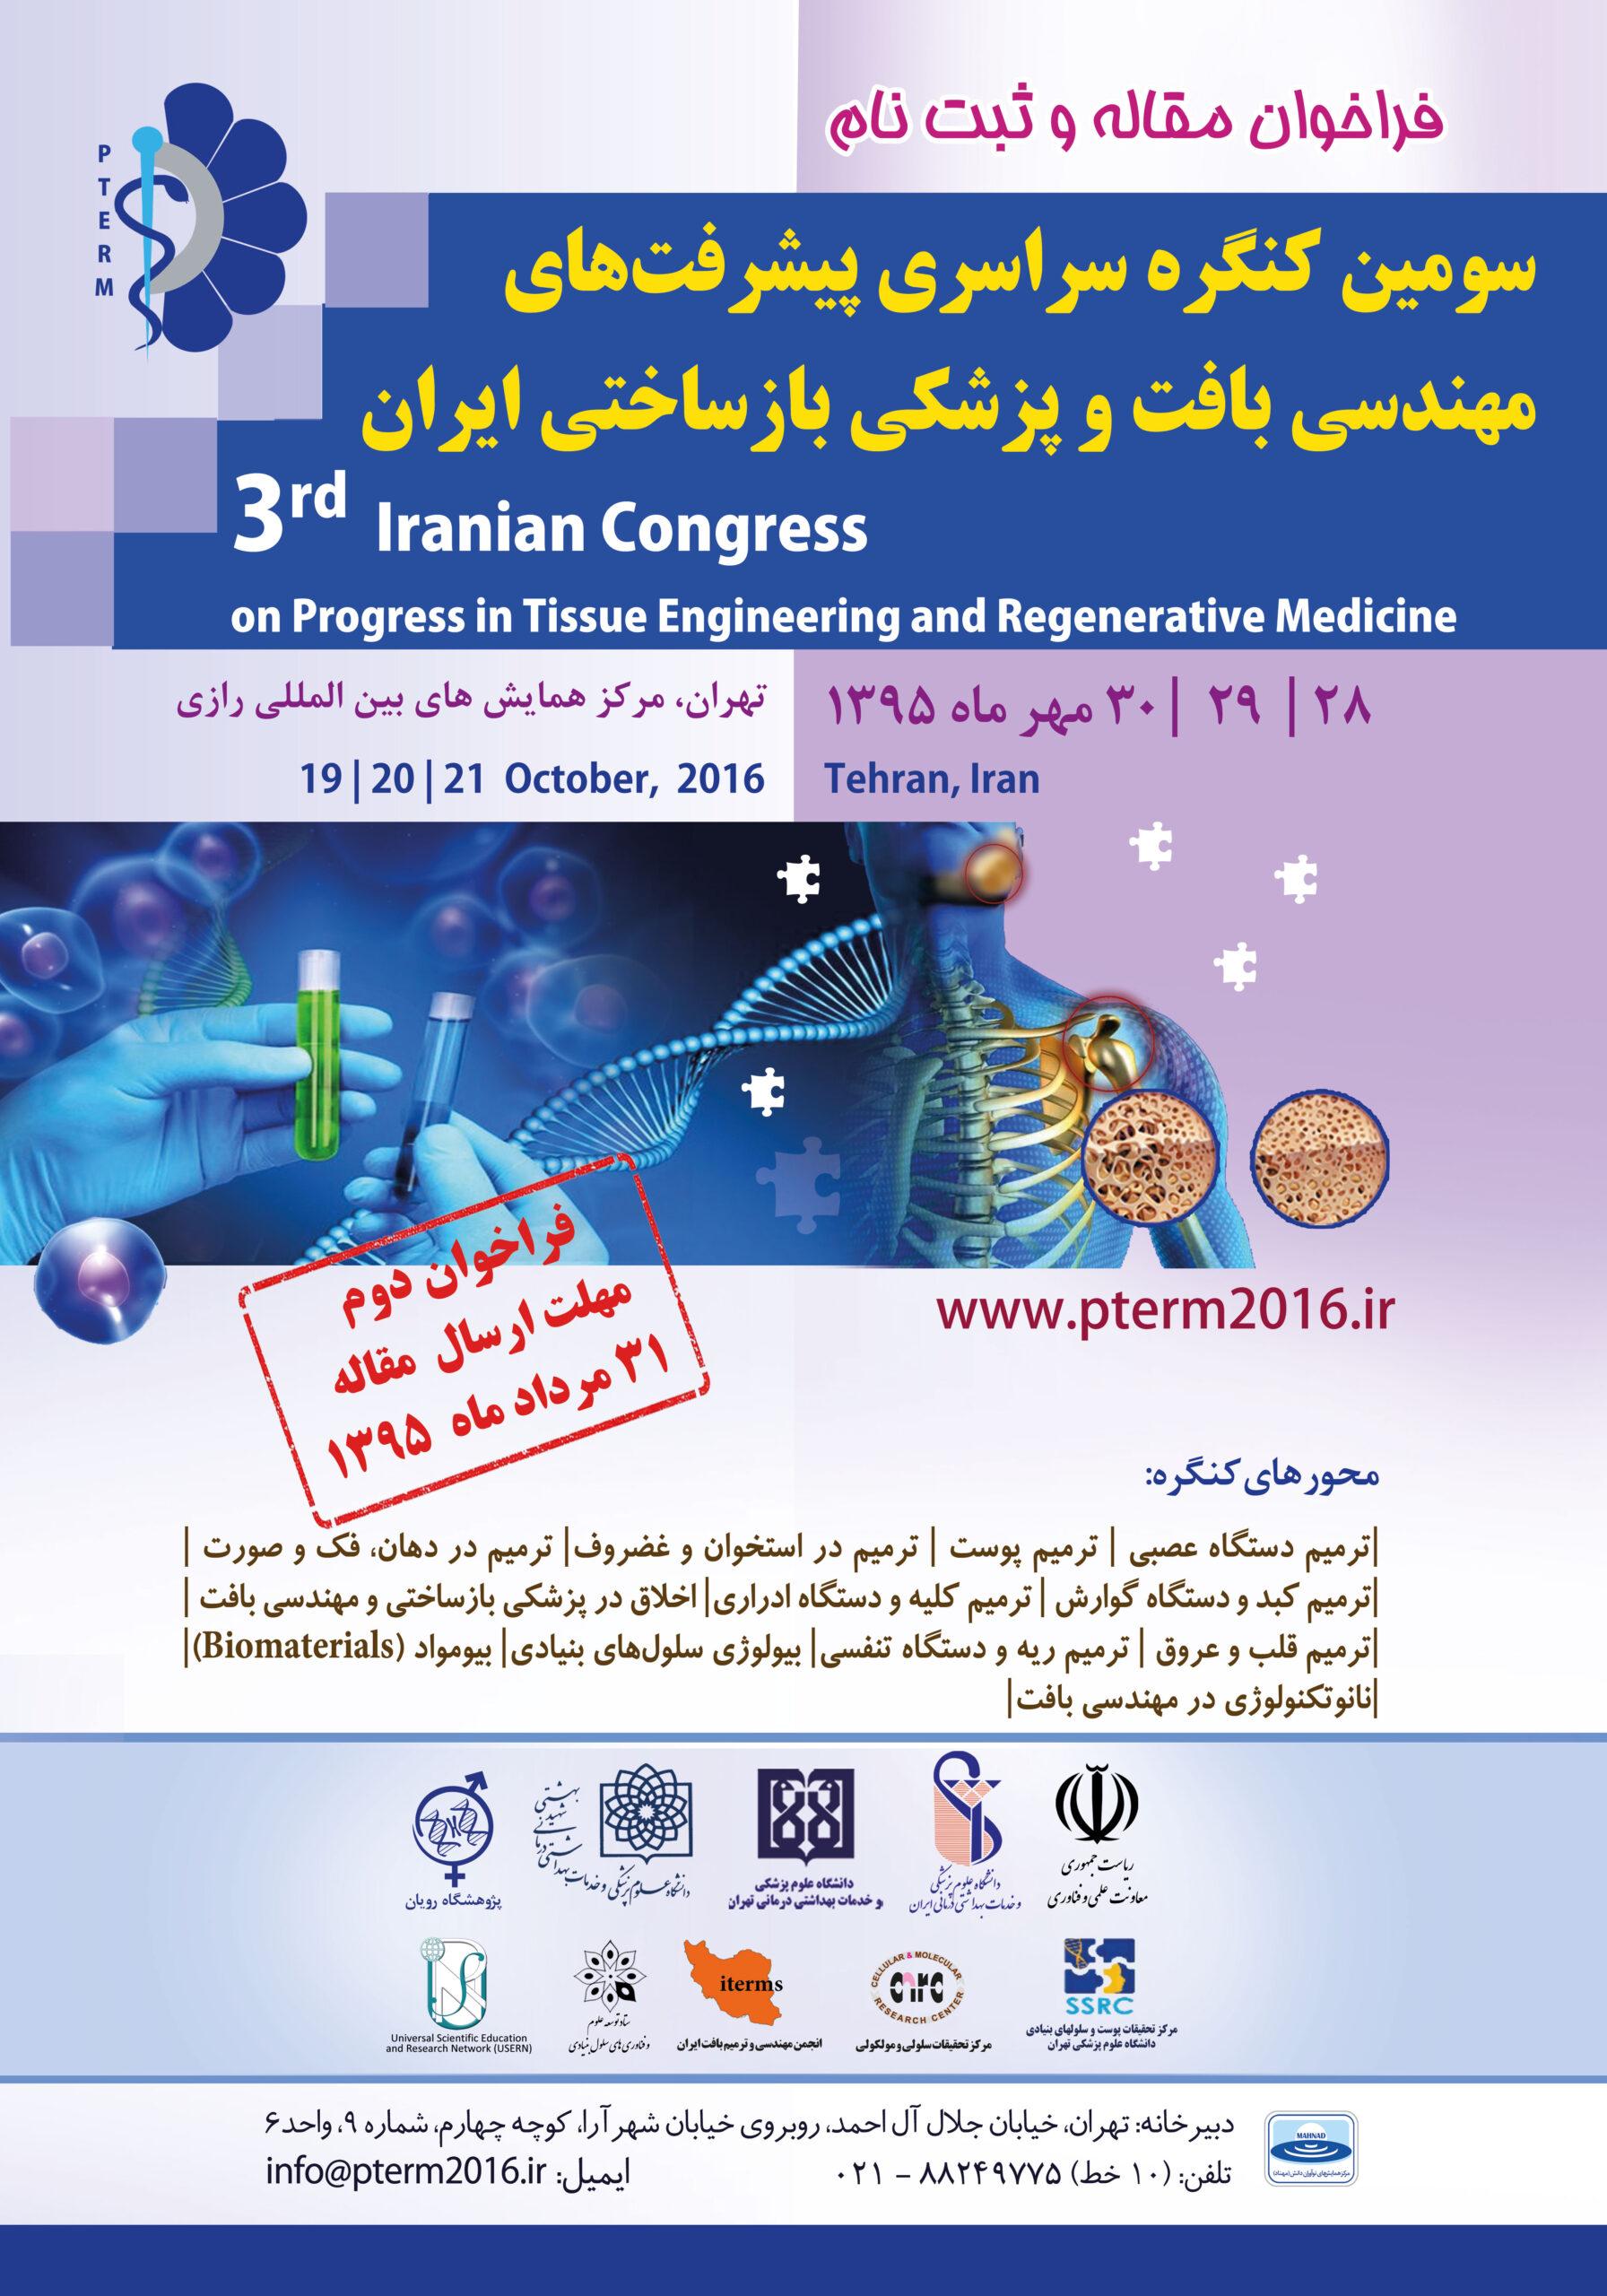 سومین کنگره پیشرفت های مهندسی بافت و پزشکی